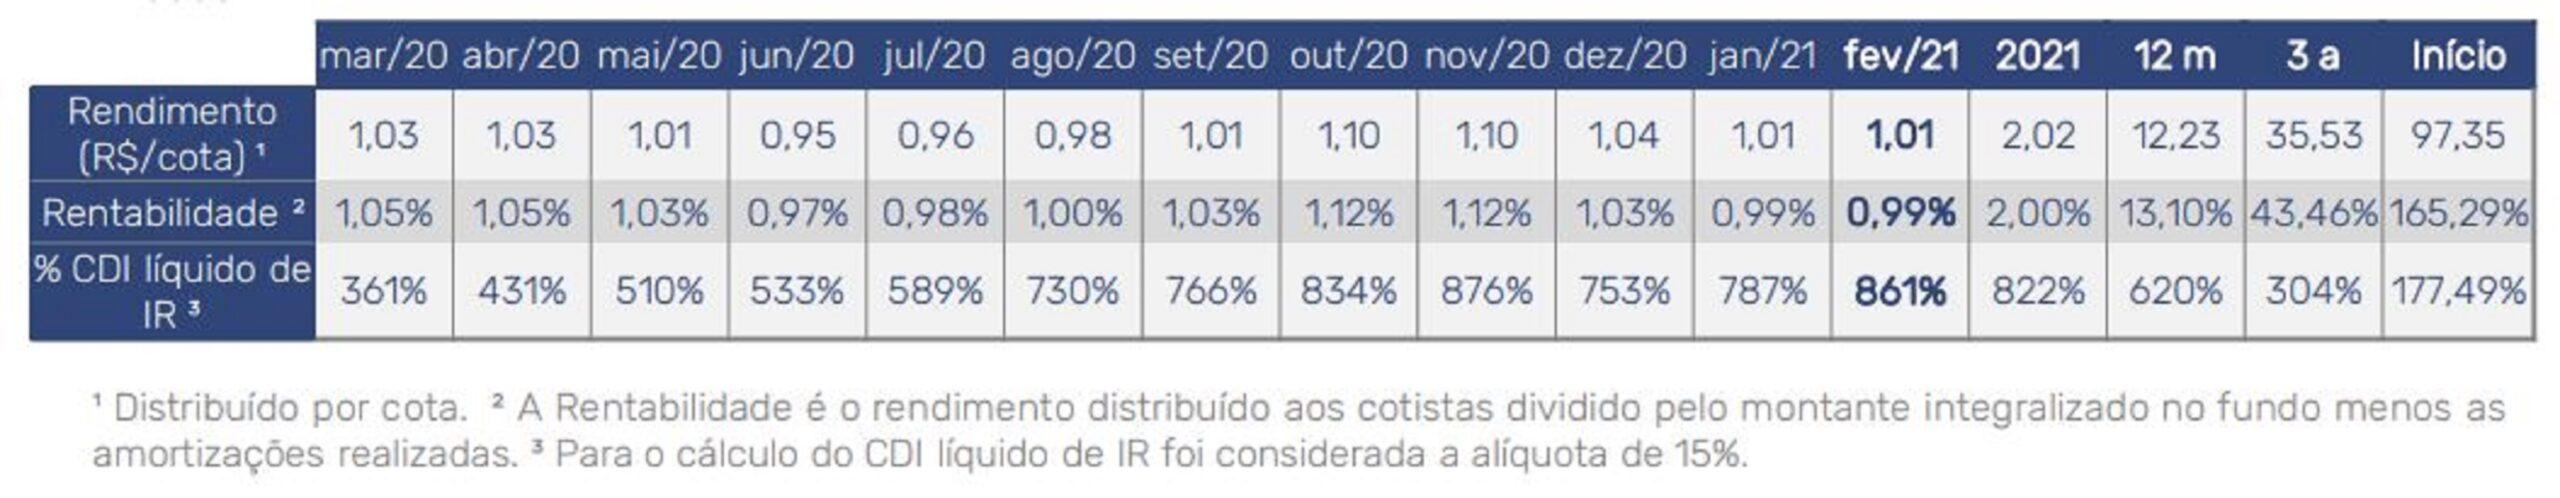 MFII11 divulga resultados e destaca instabilidade do mercado